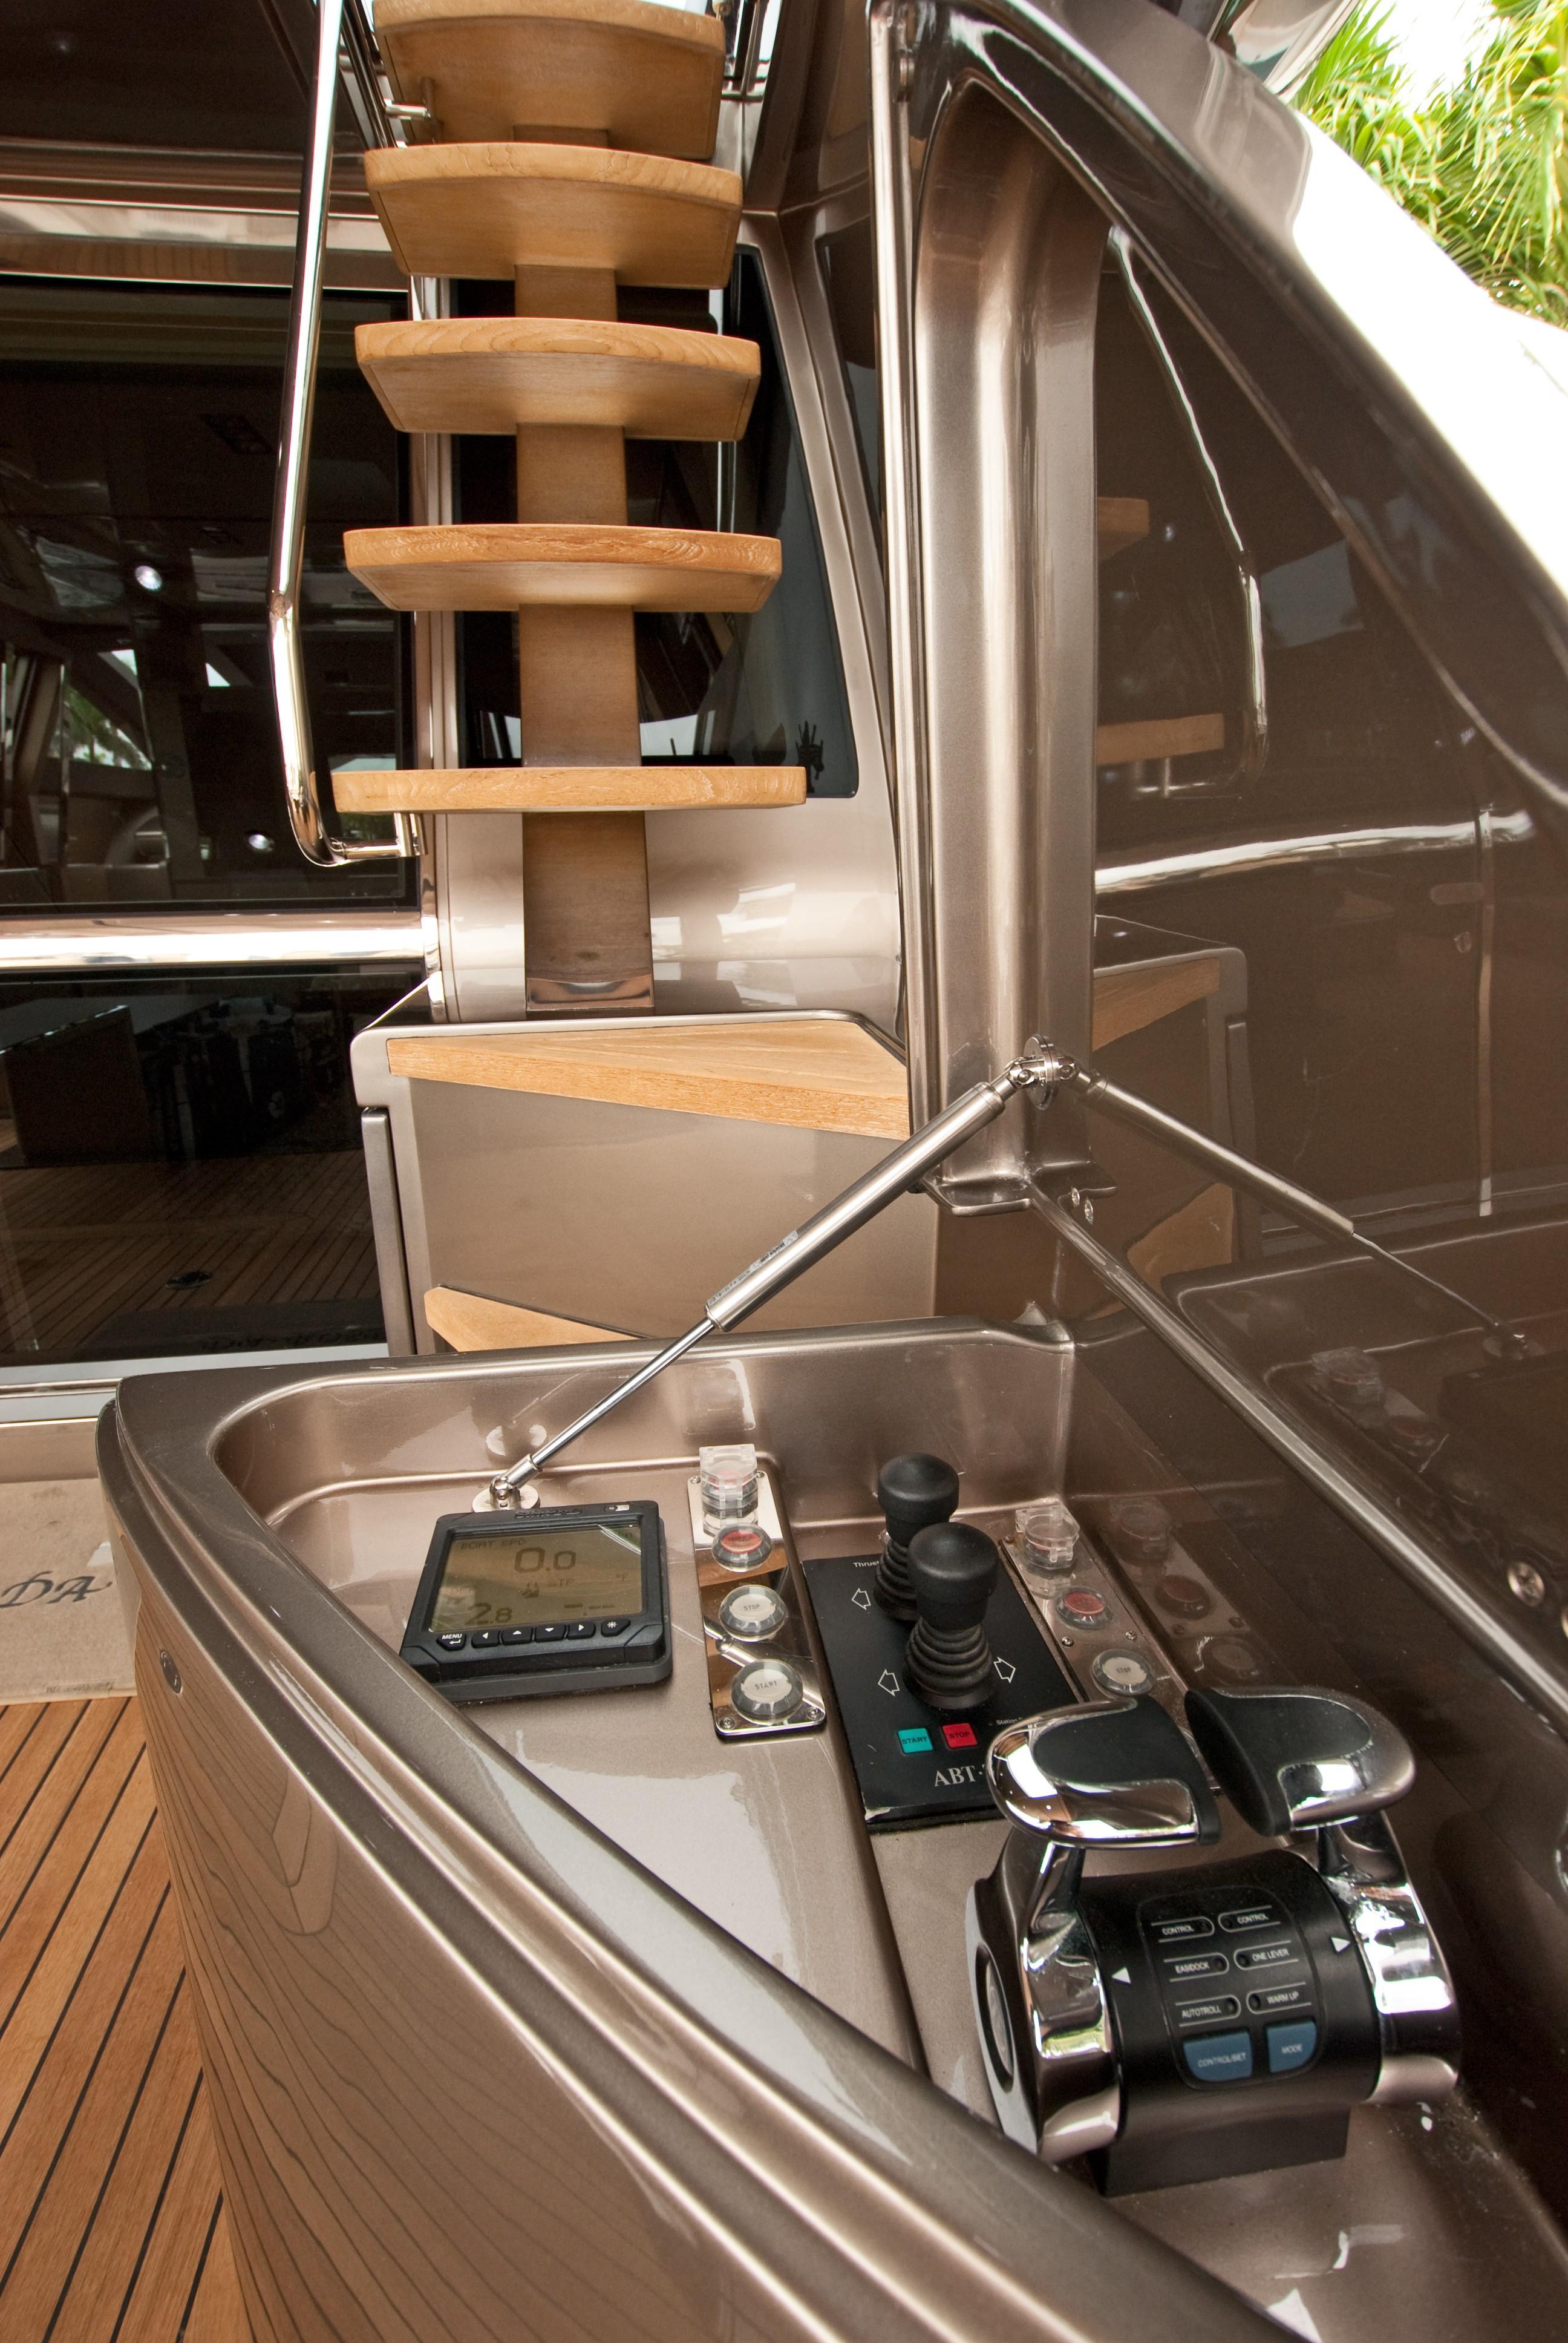 2012 Riva 86 Domino - Aft Deck Controls